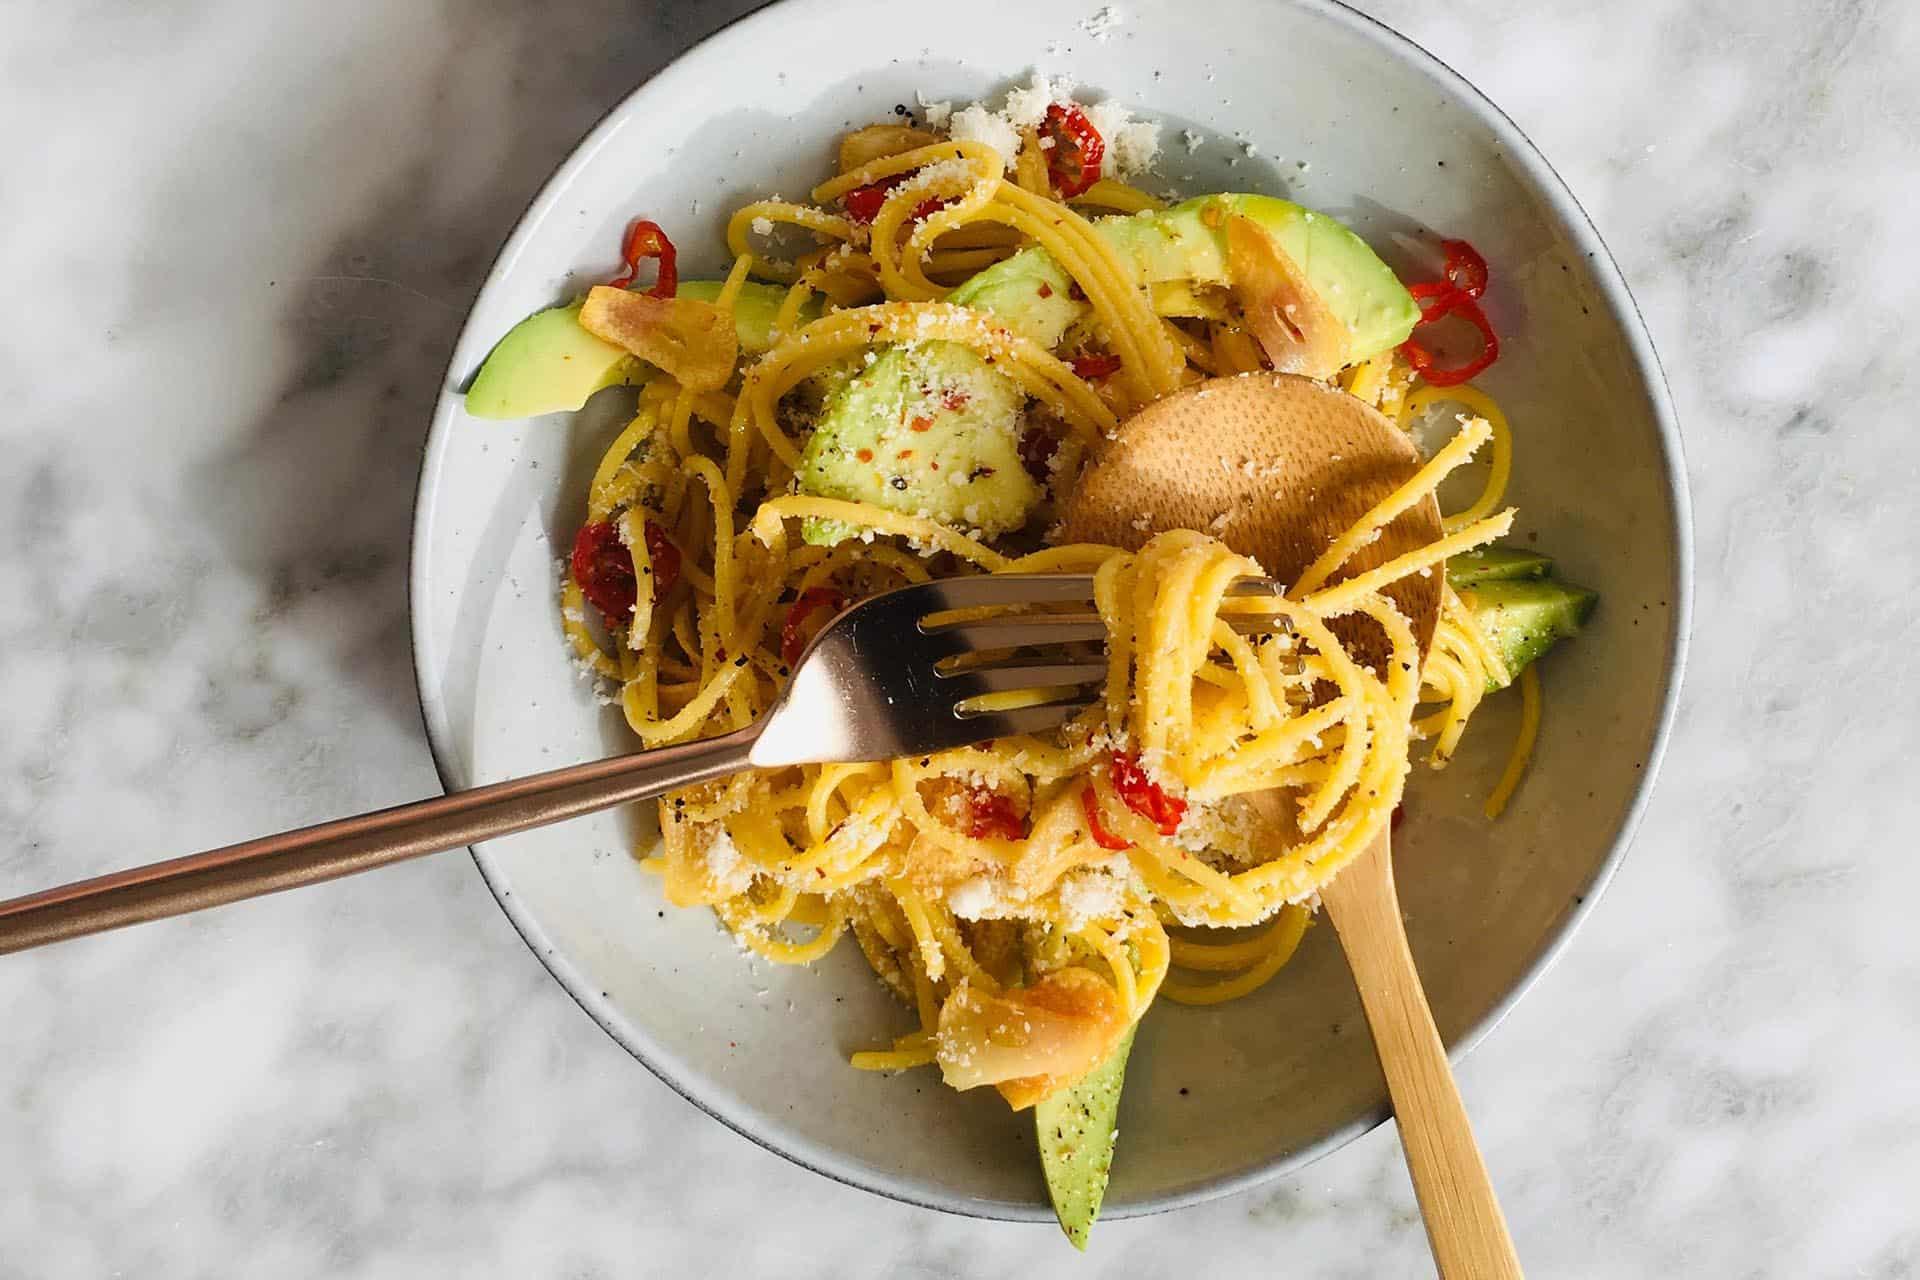 Spaghetti aglio olio met rode peper